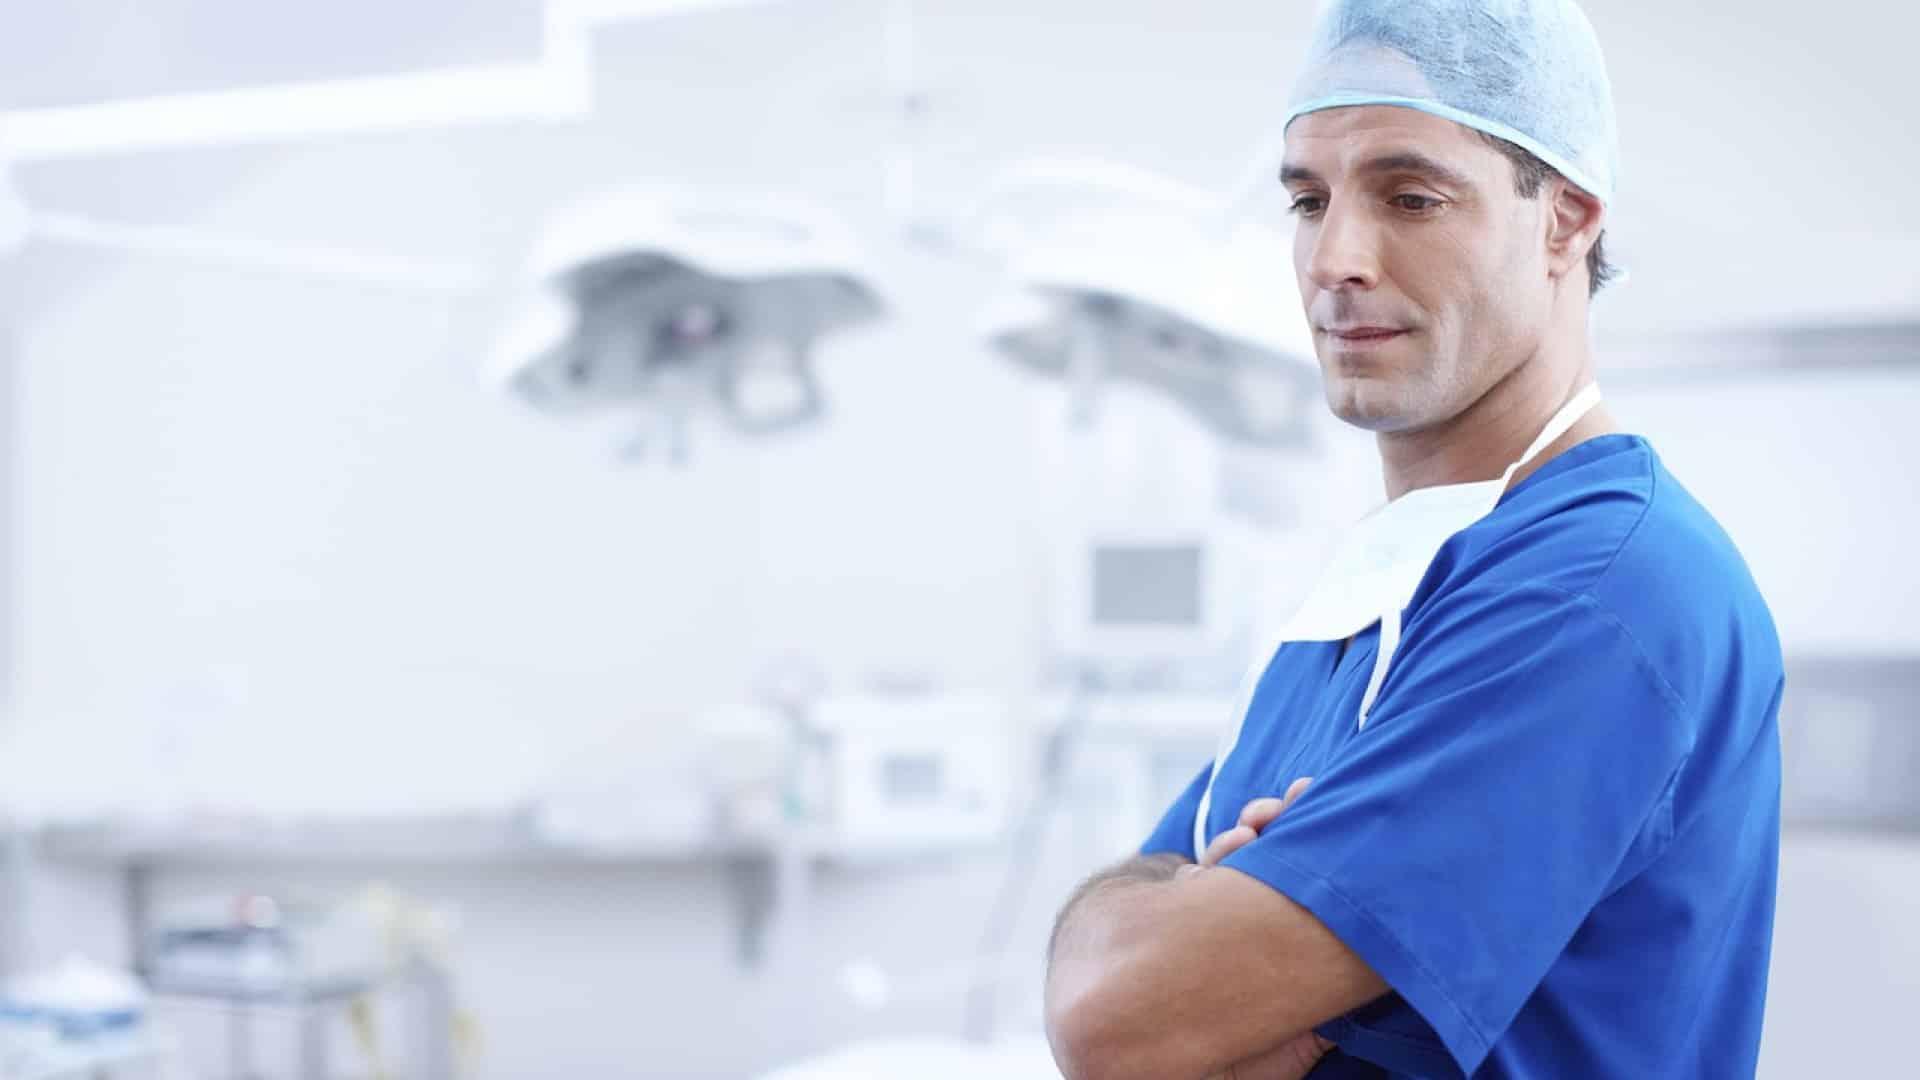 Quelle mutuelle choisir lorsqu'on travaille en milieu hospitalier ?